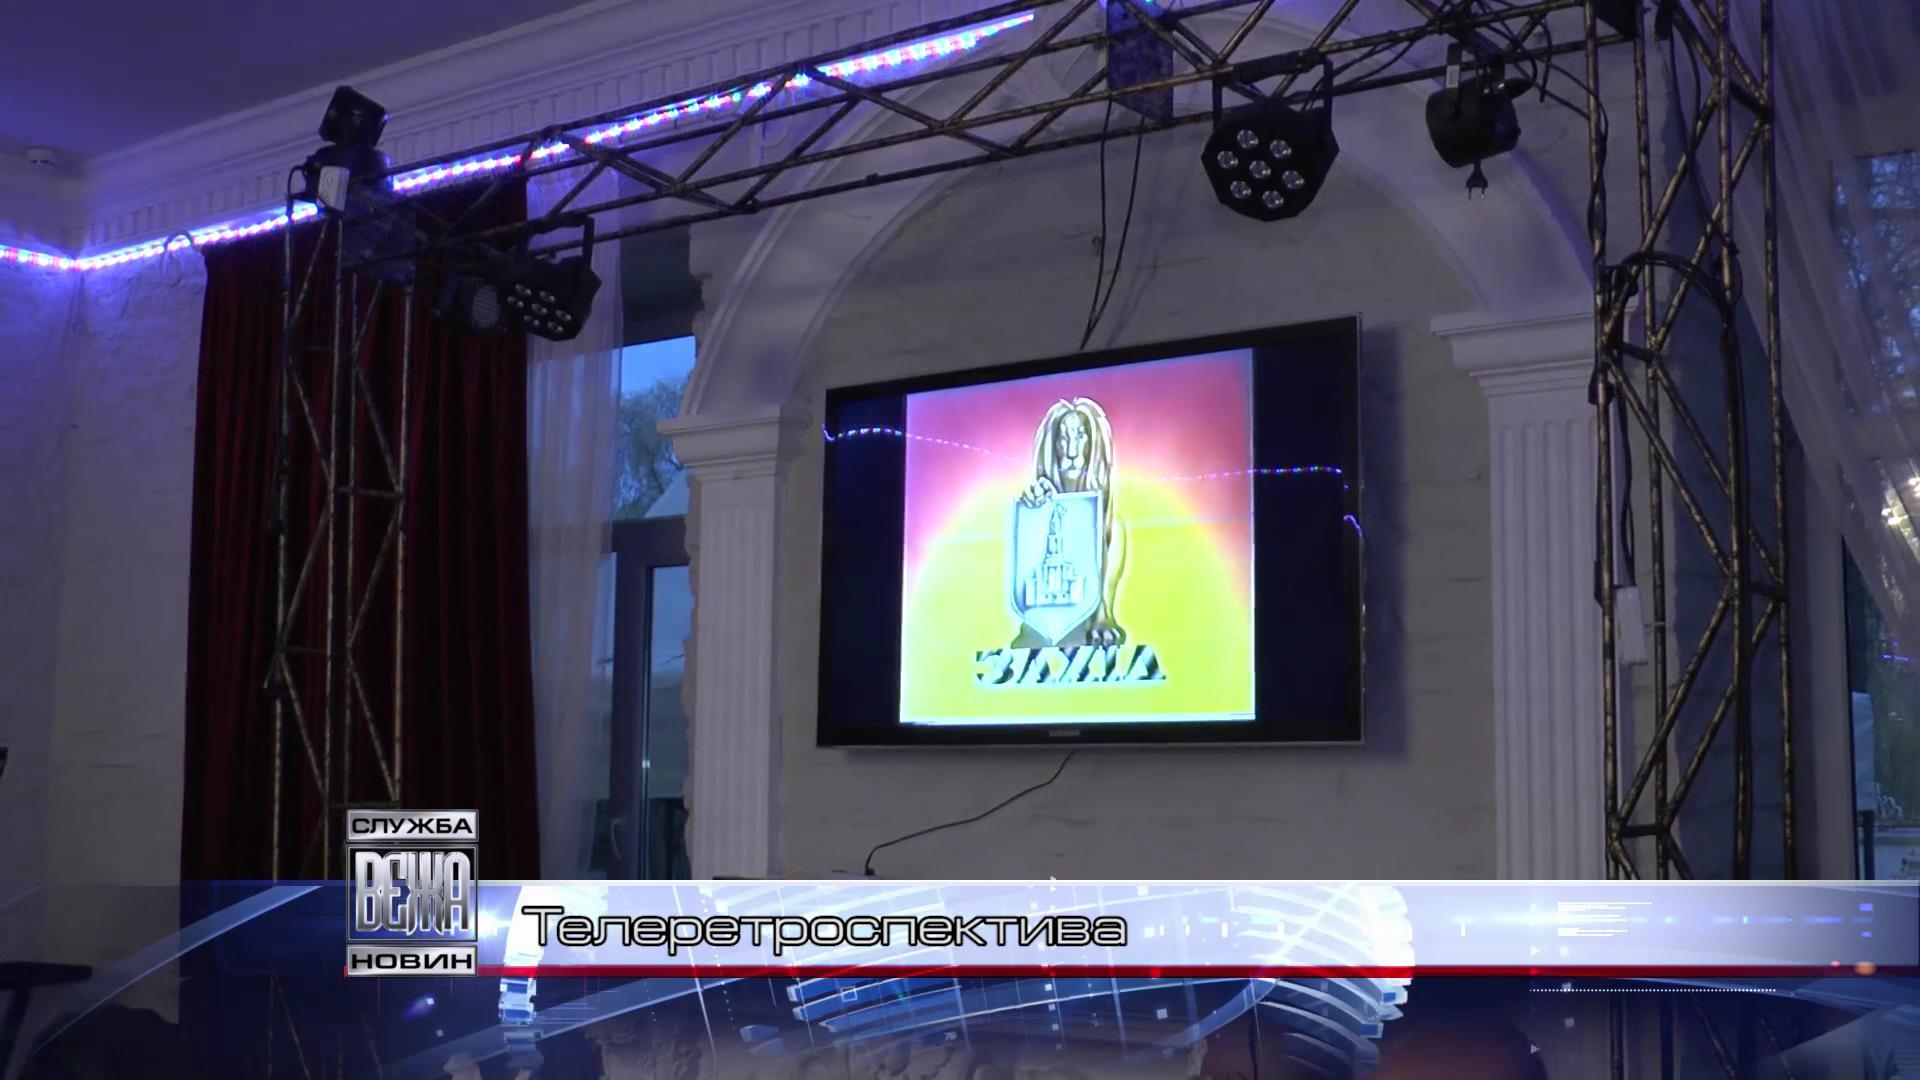 Майже три десятиліття тому в Івано-Франківську створили першу телестудію[18-51-24]